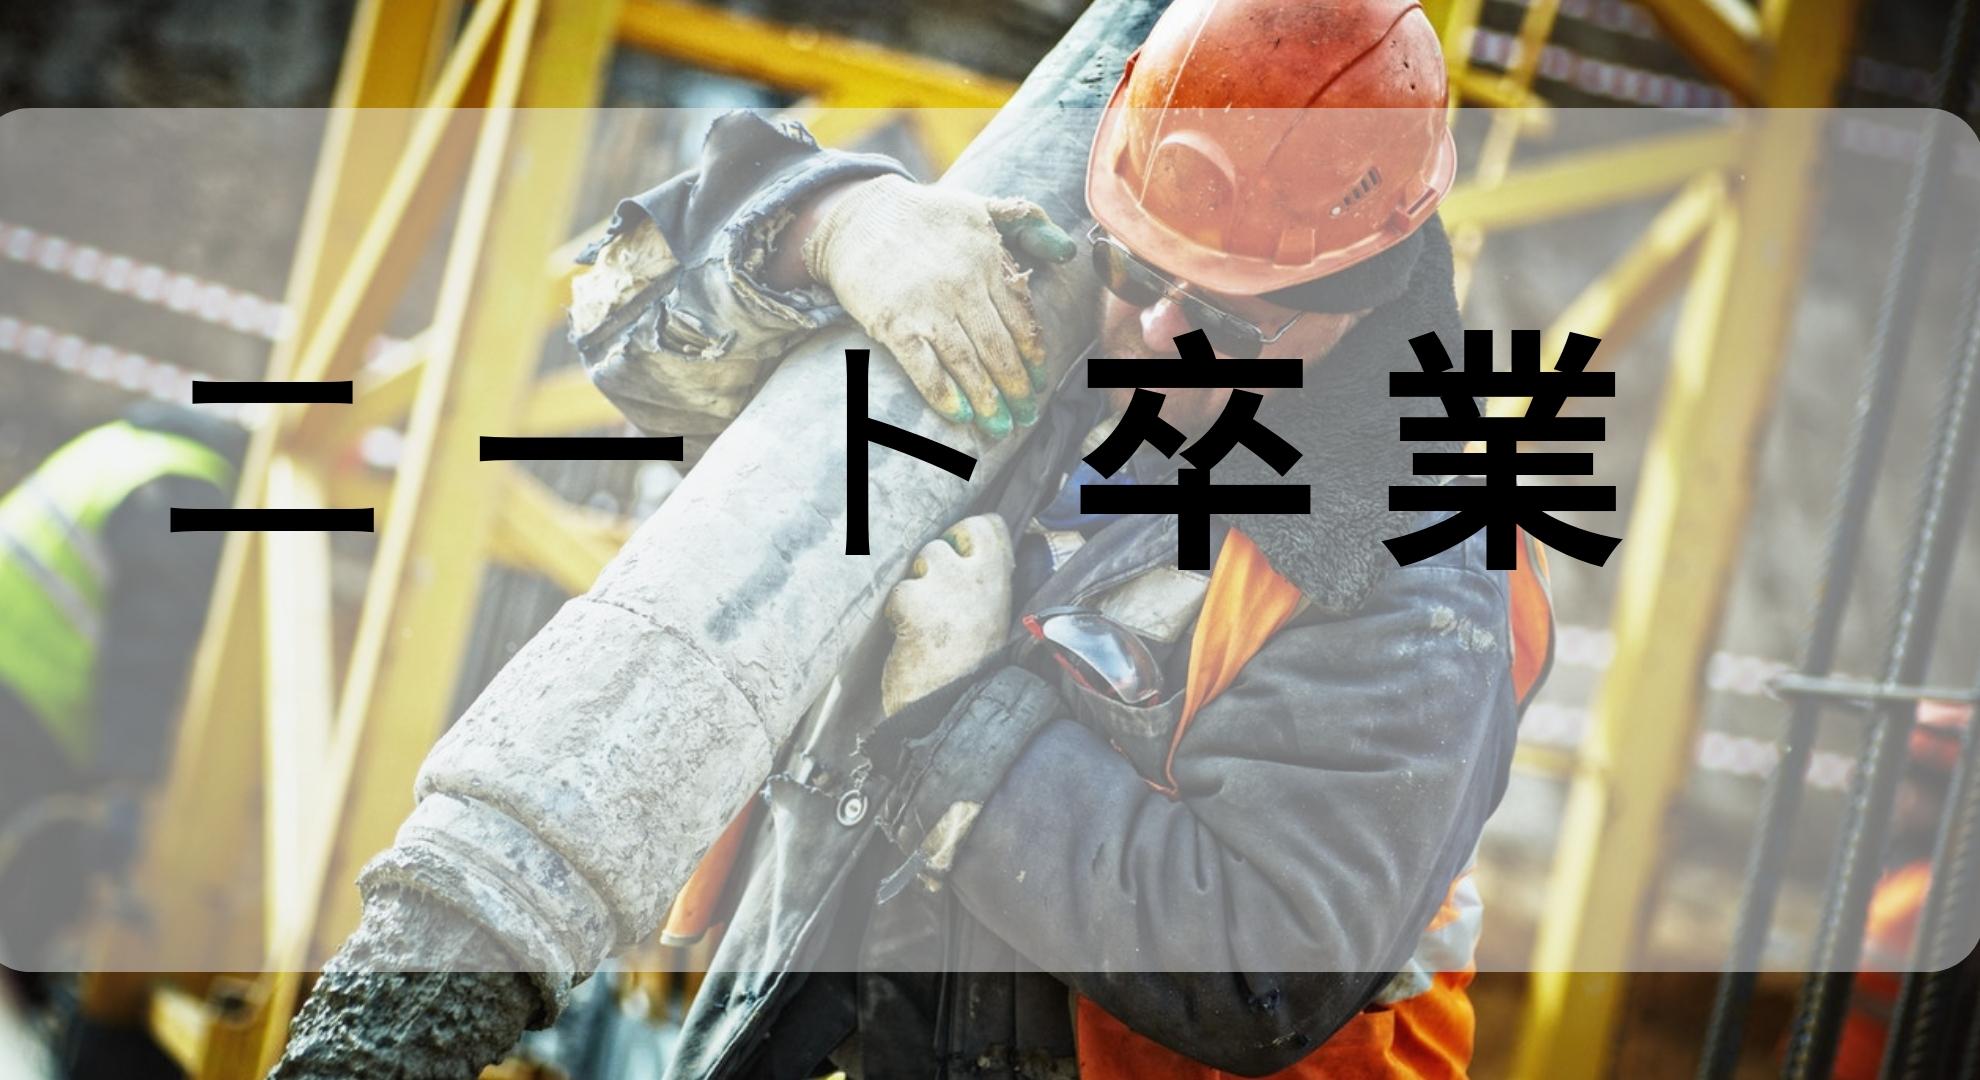 【労働収入】cubおじさん三月からバイト始めるってよ!